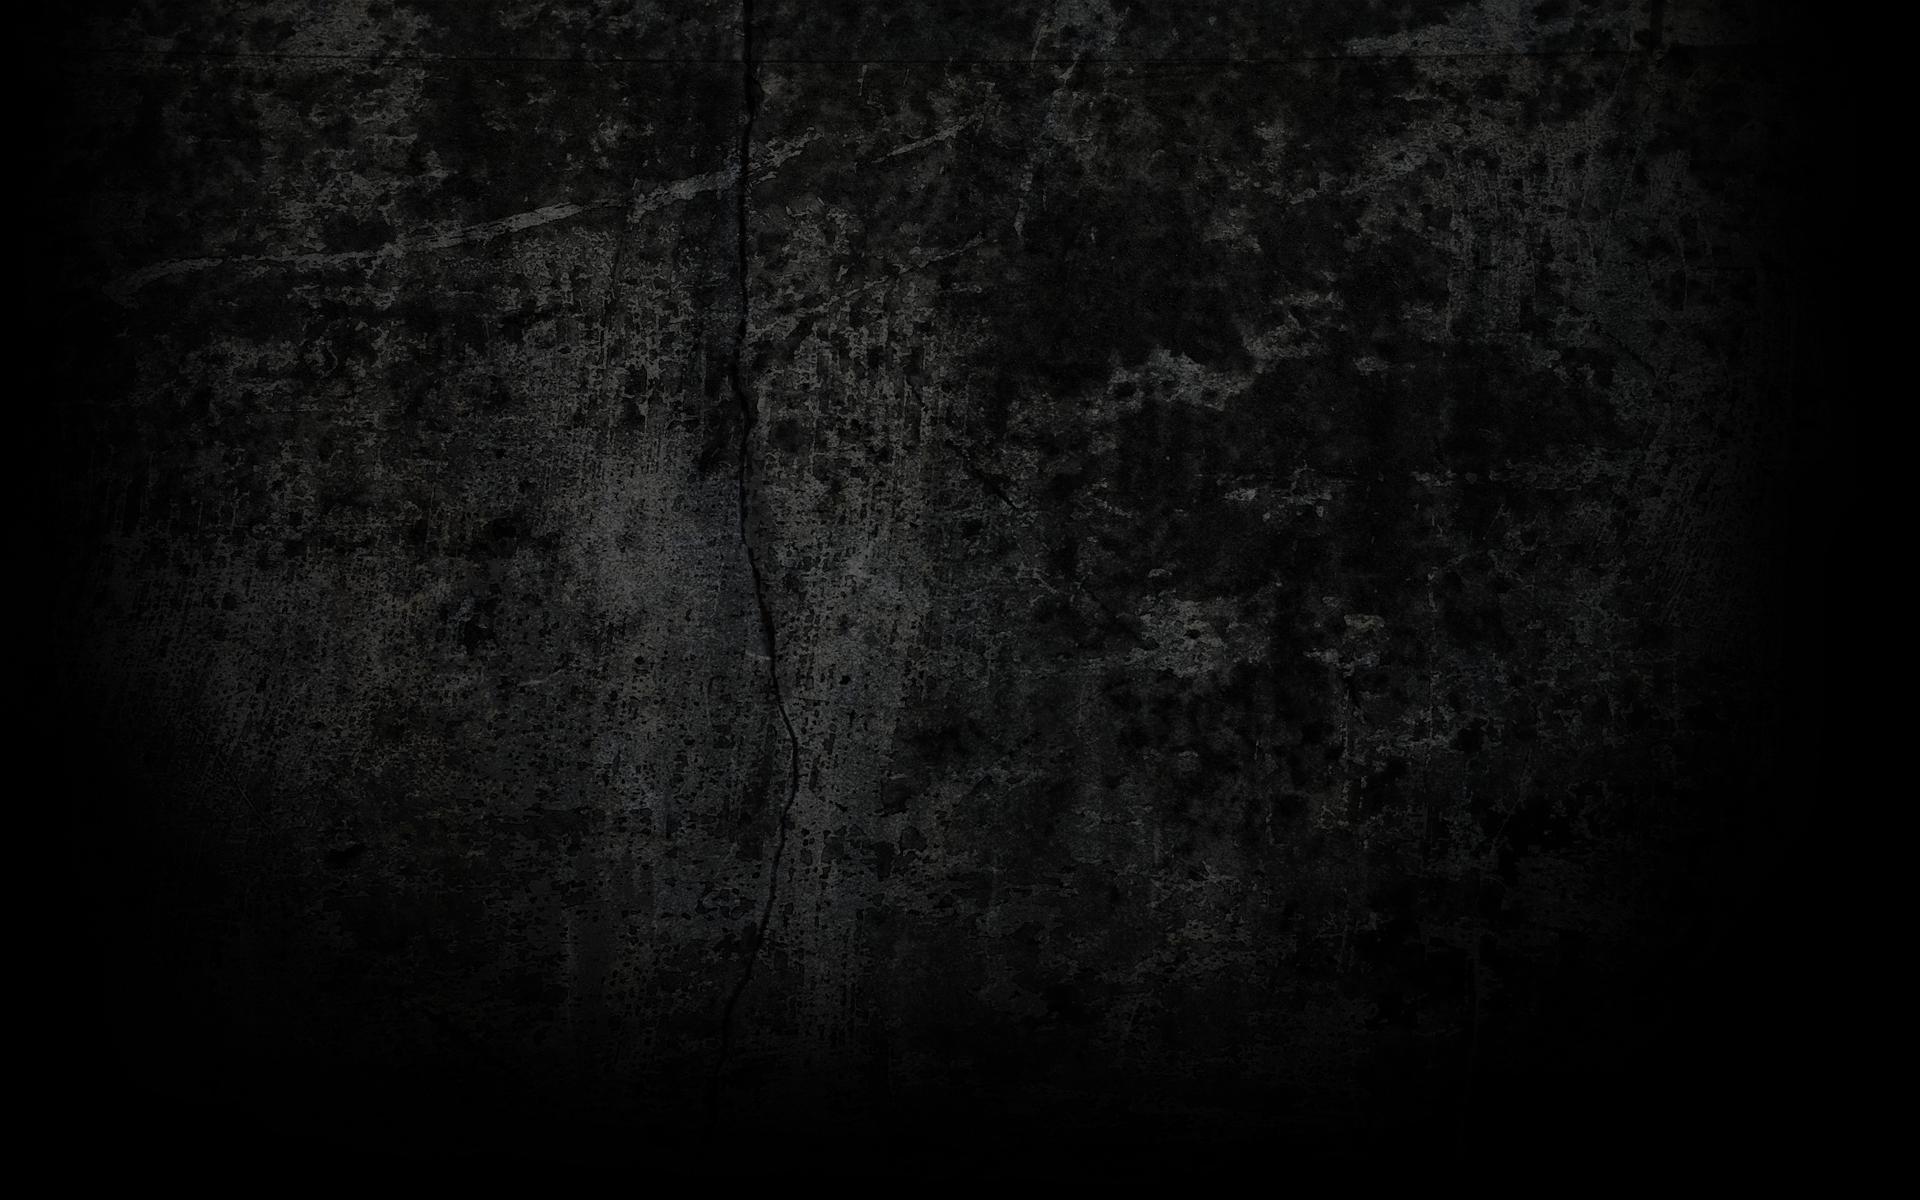 General 1920x1200 Dark Grunge Texture Black Wallpaper Dark Black Wallpaper Black Grunge